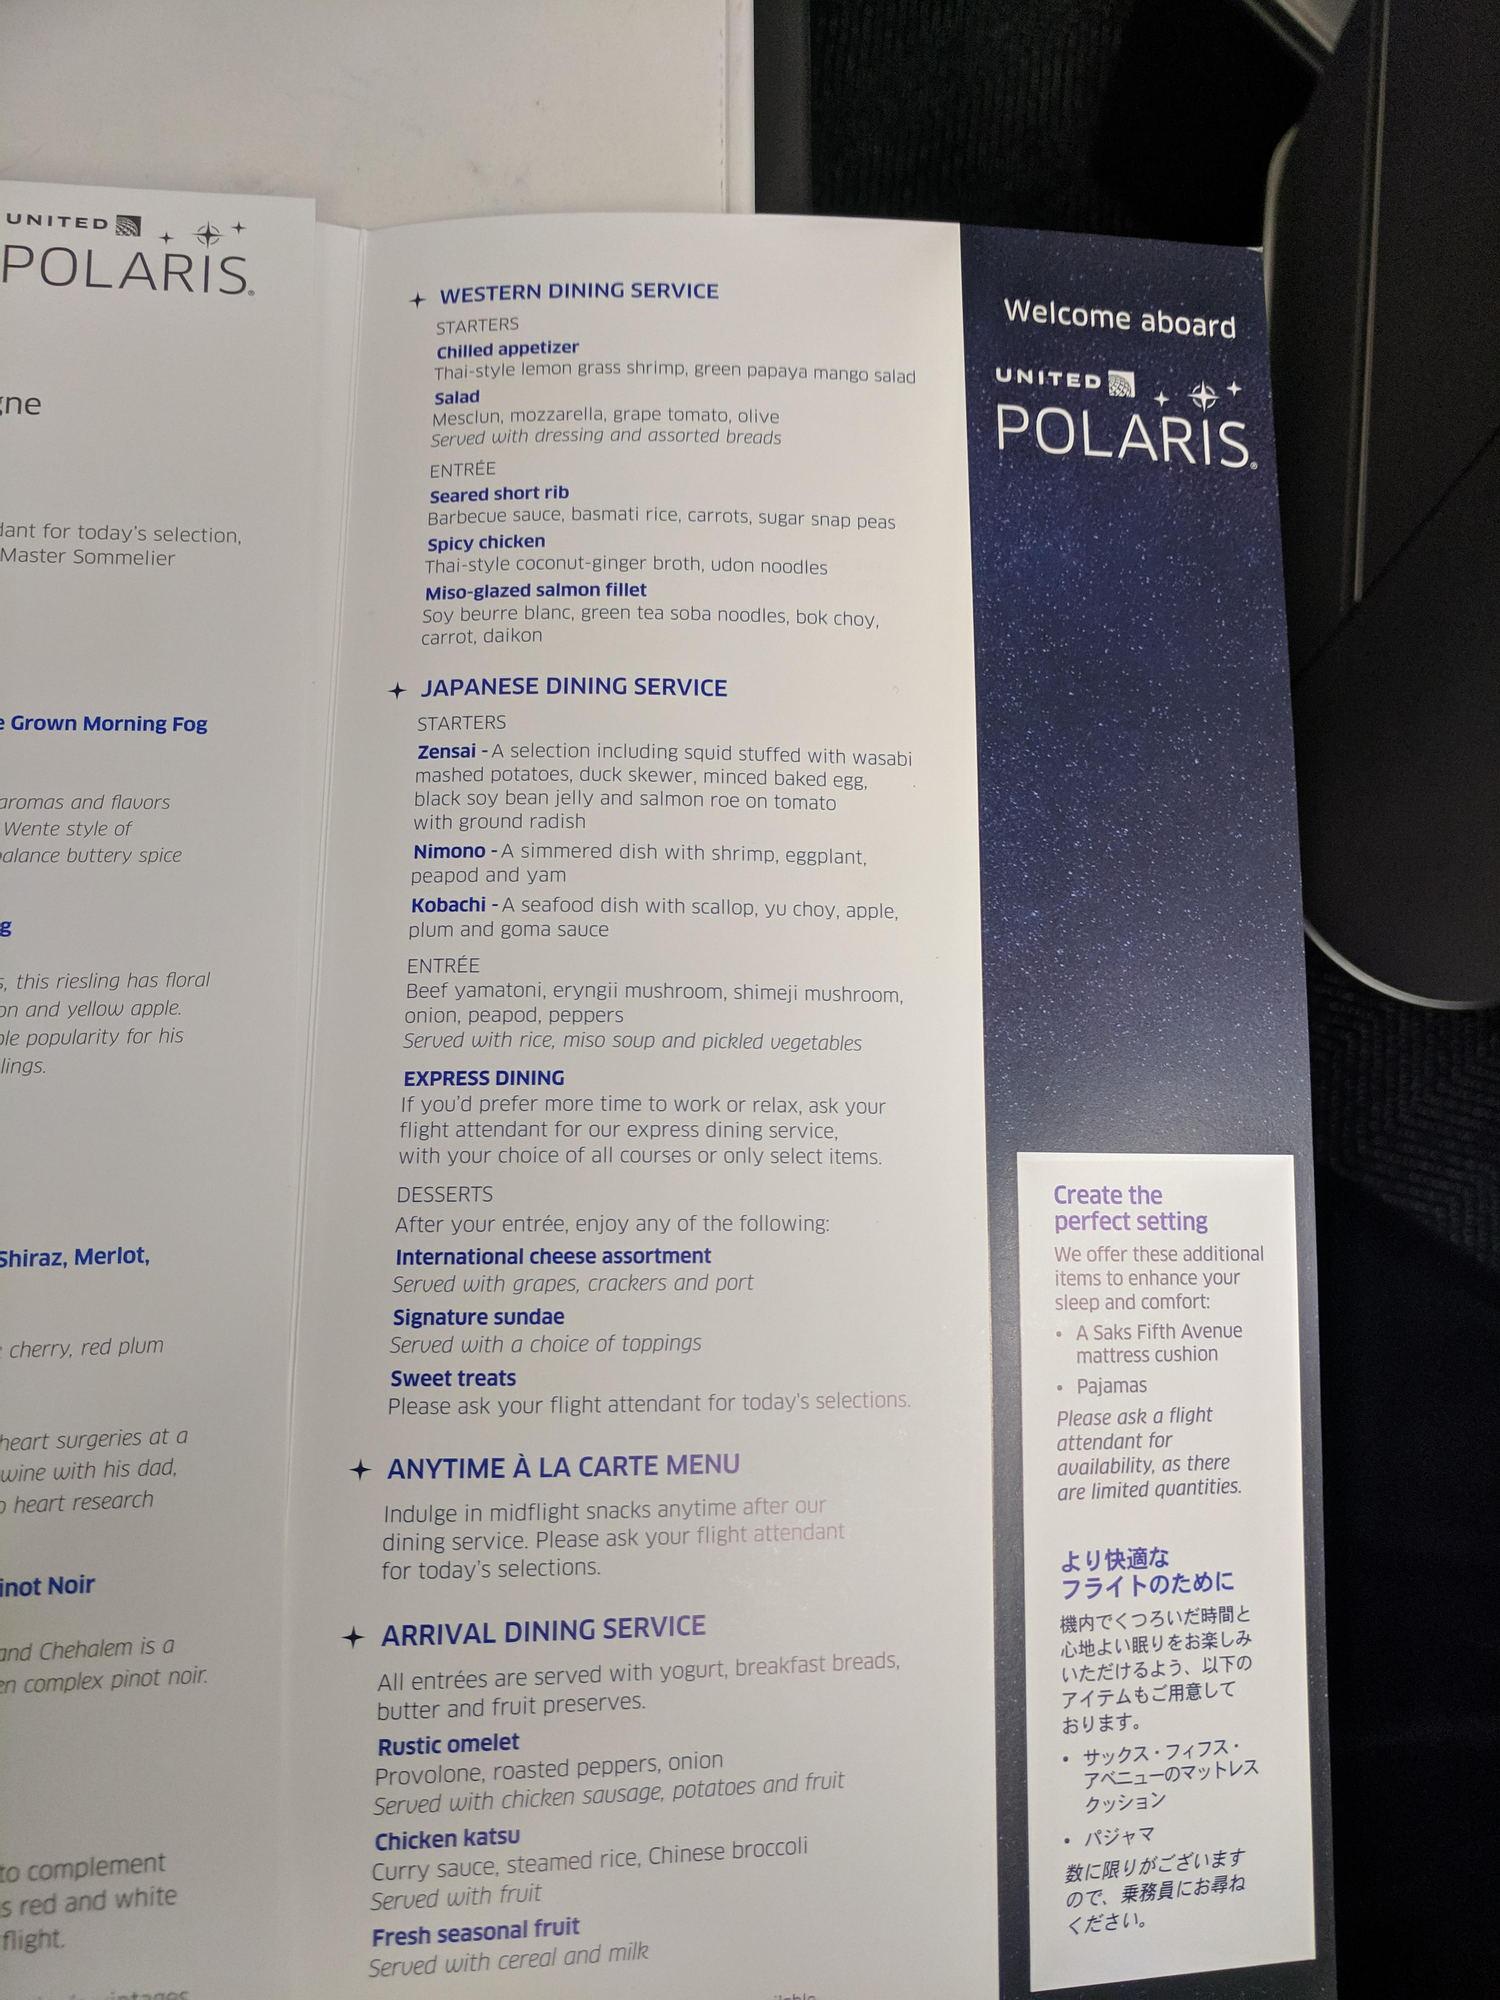 2019 Let's Eat - Polaris Business - Page 3 - FlyerTalk Forums